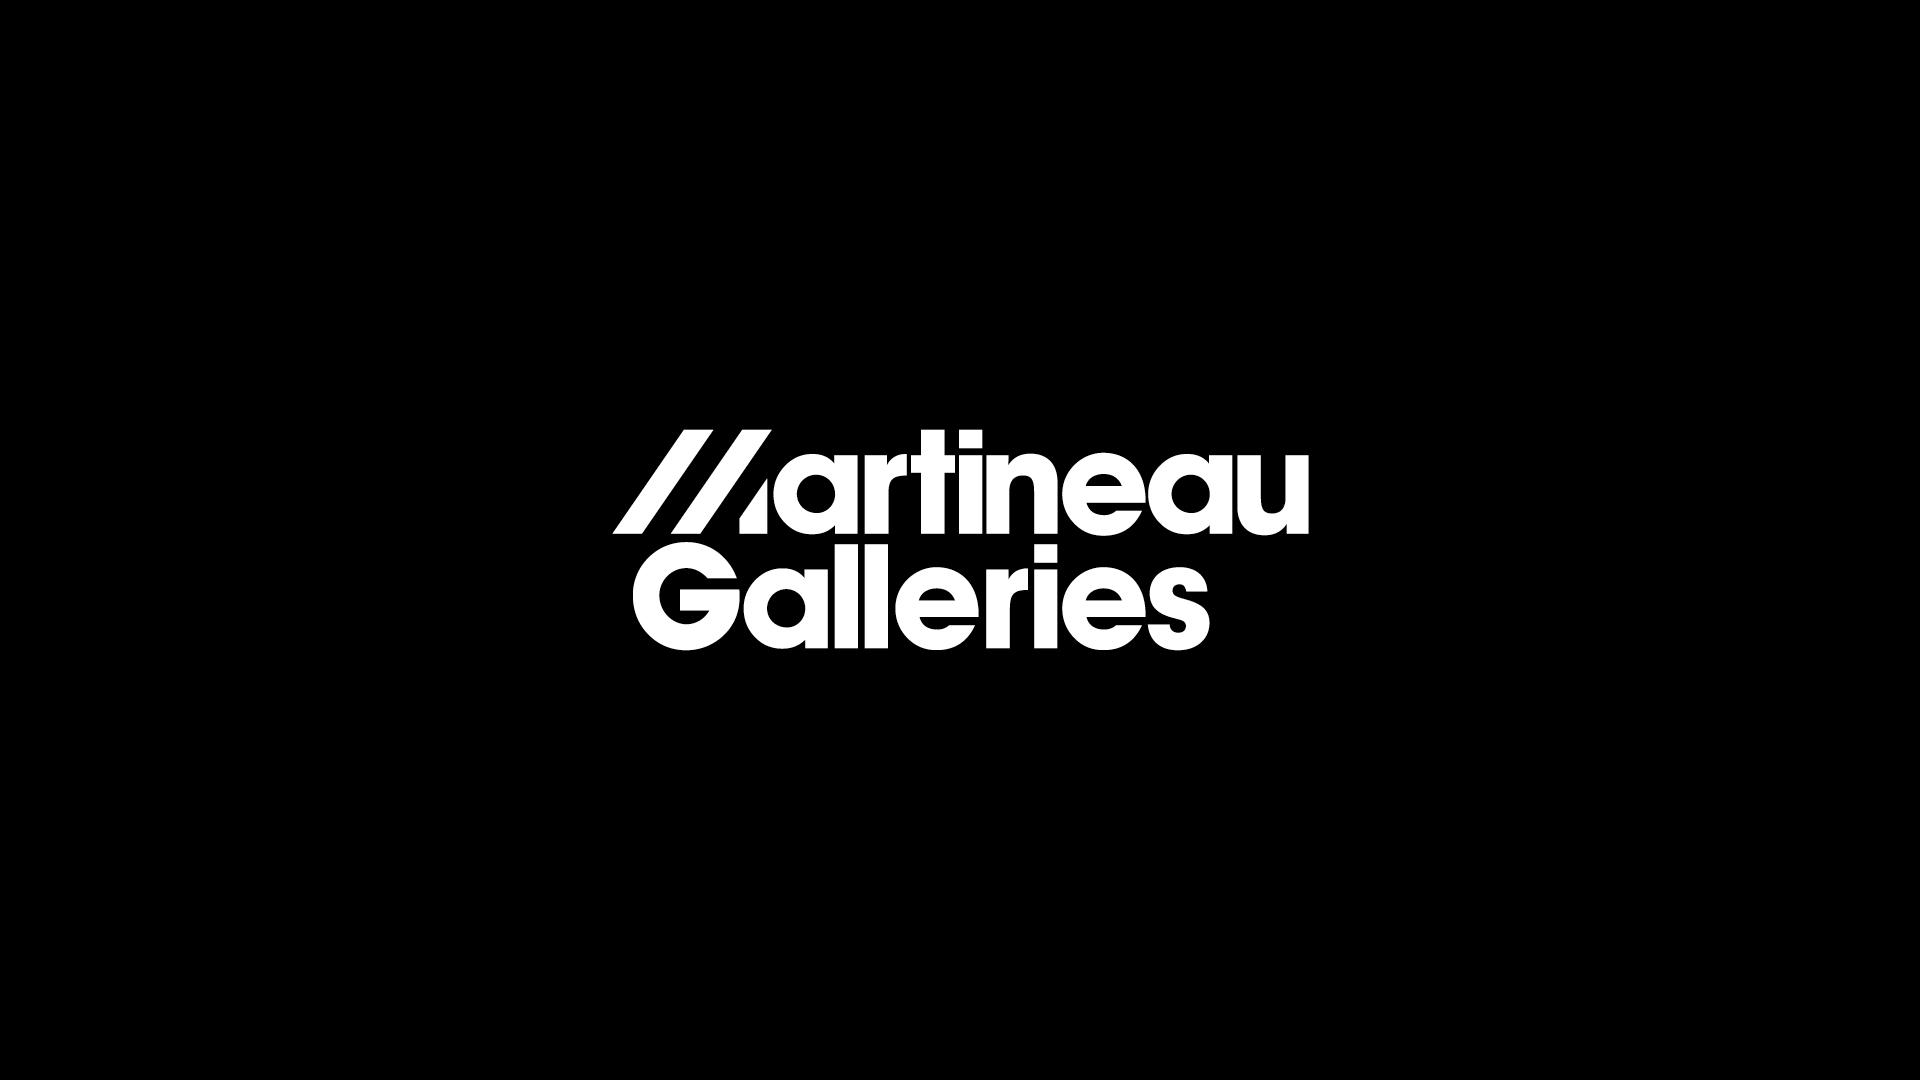 Hammerson - Martineau Galleries Masterplan